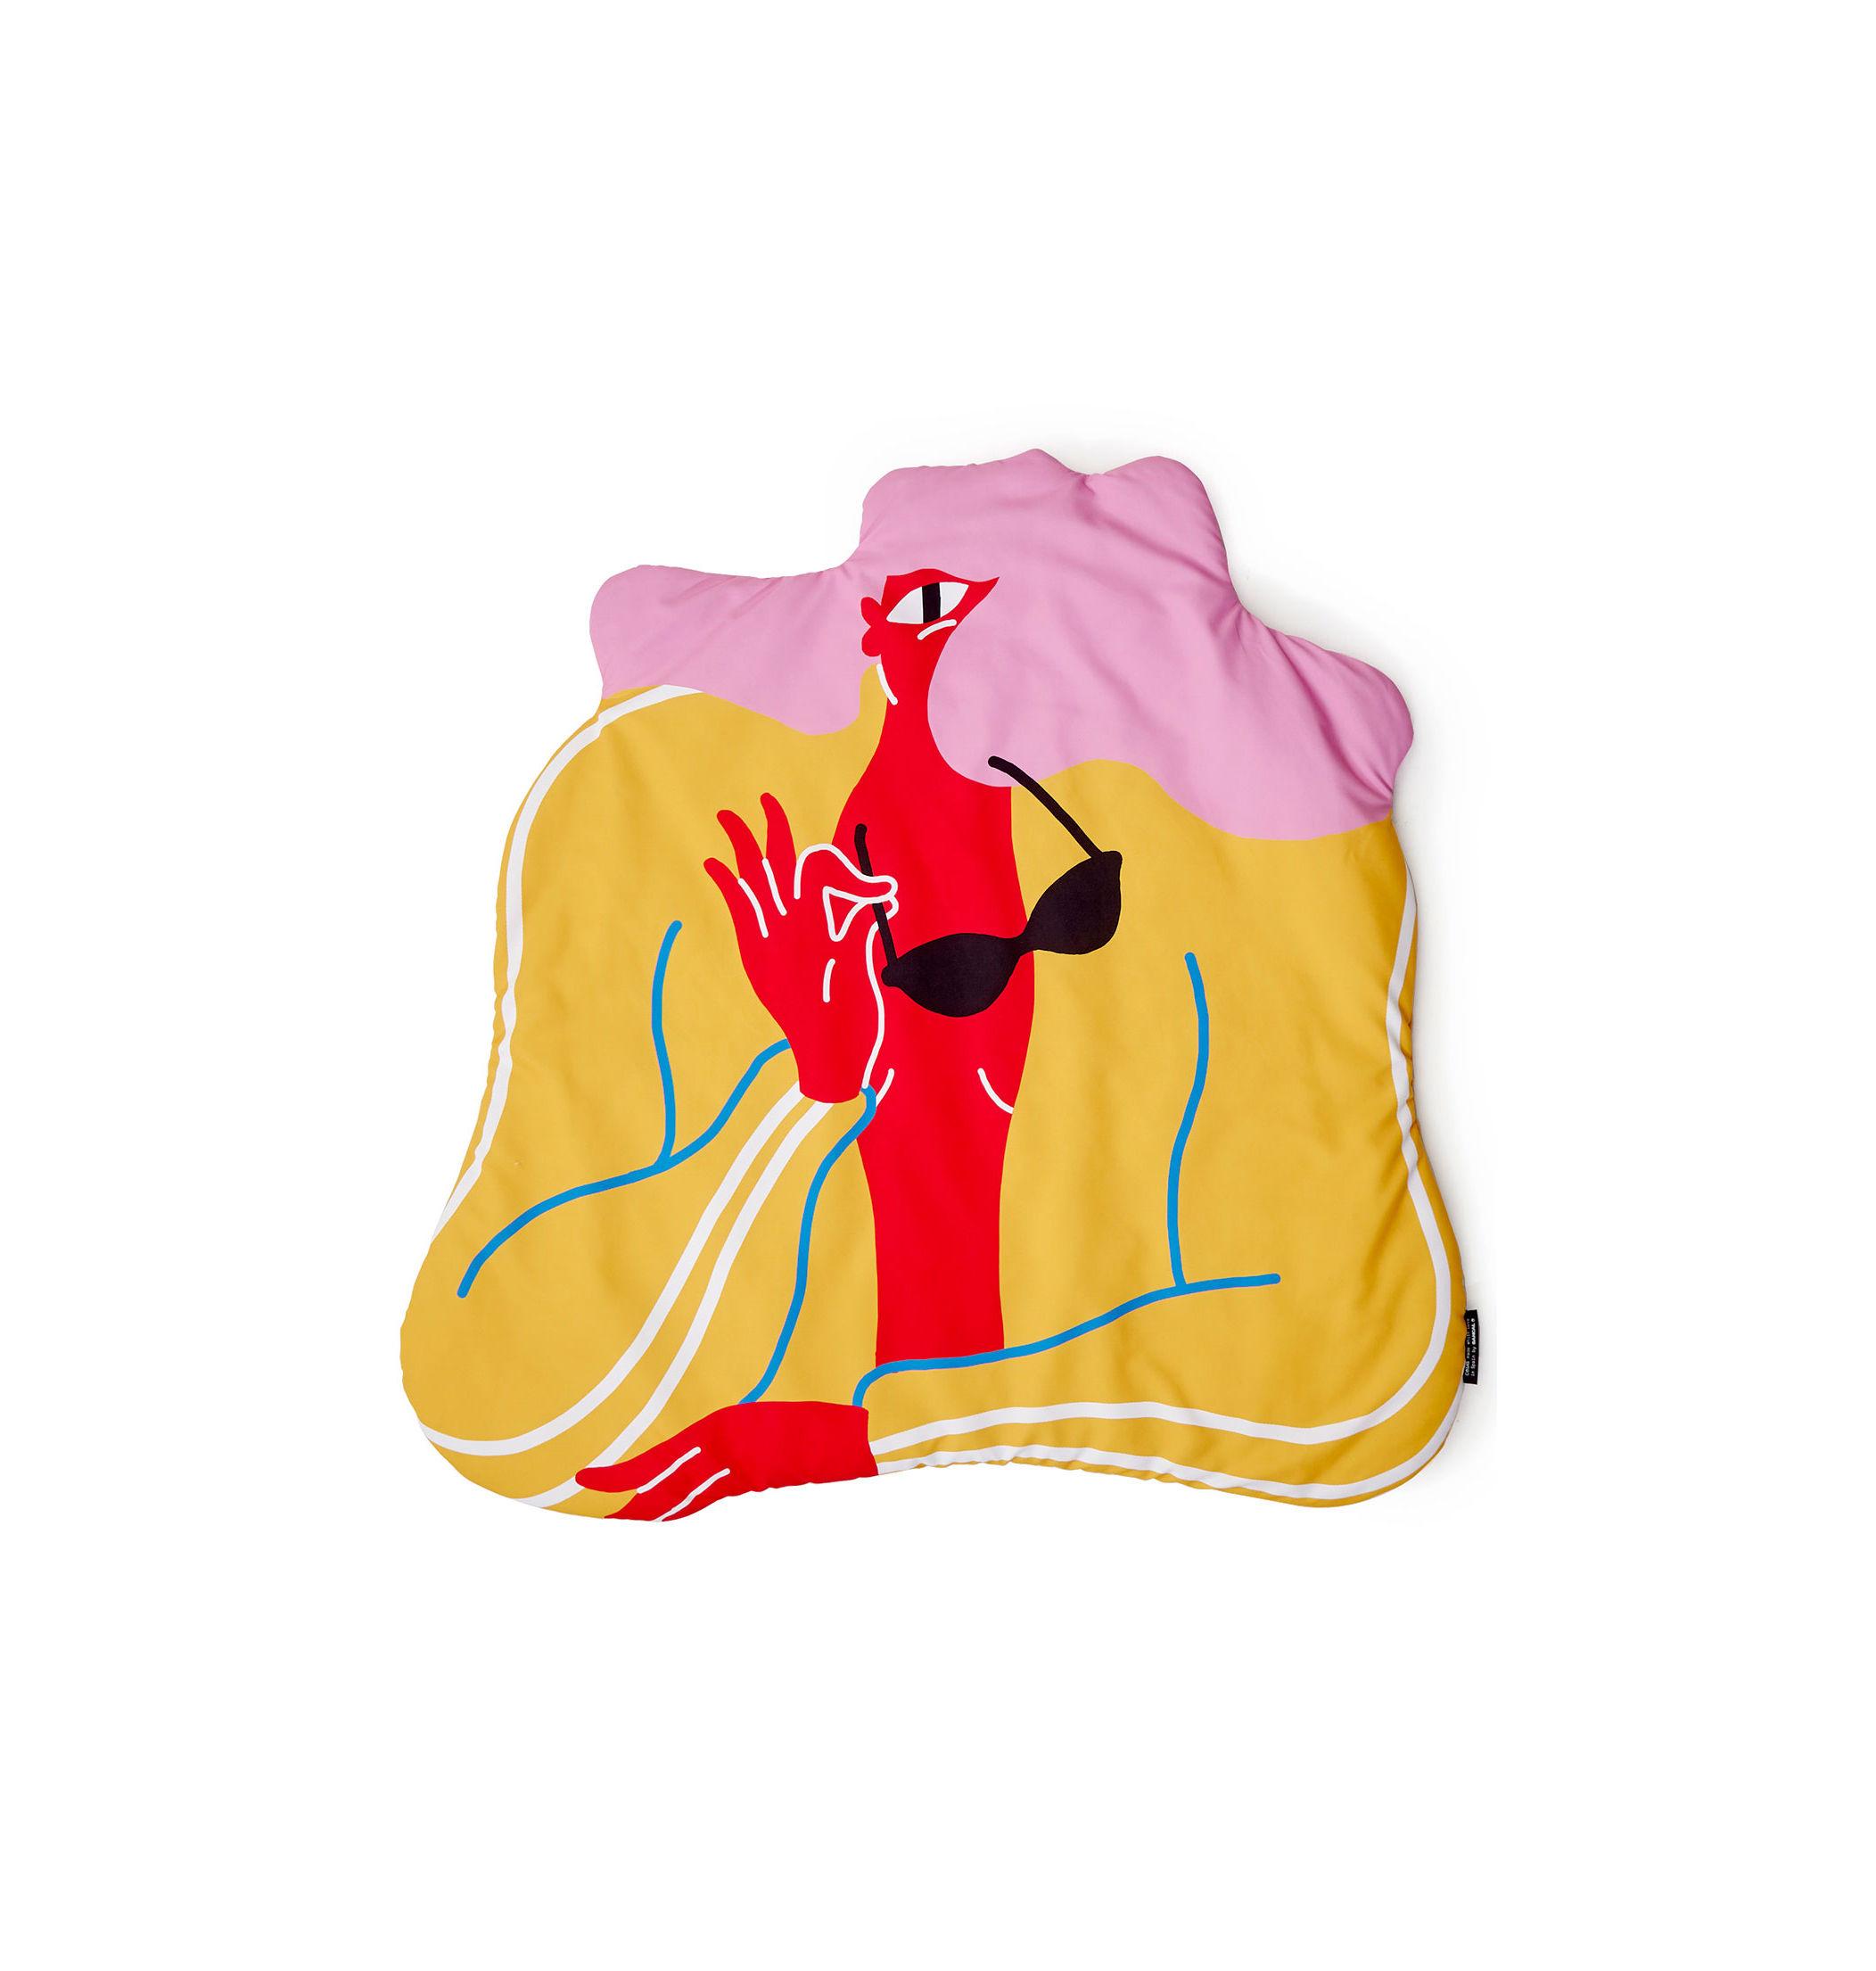 Noël design - Cadeaux Must-Have - Plaid rembourré Born Free / 119 x 116 cm - Sancal - Multicolore - Fibre synthétique, Polyester